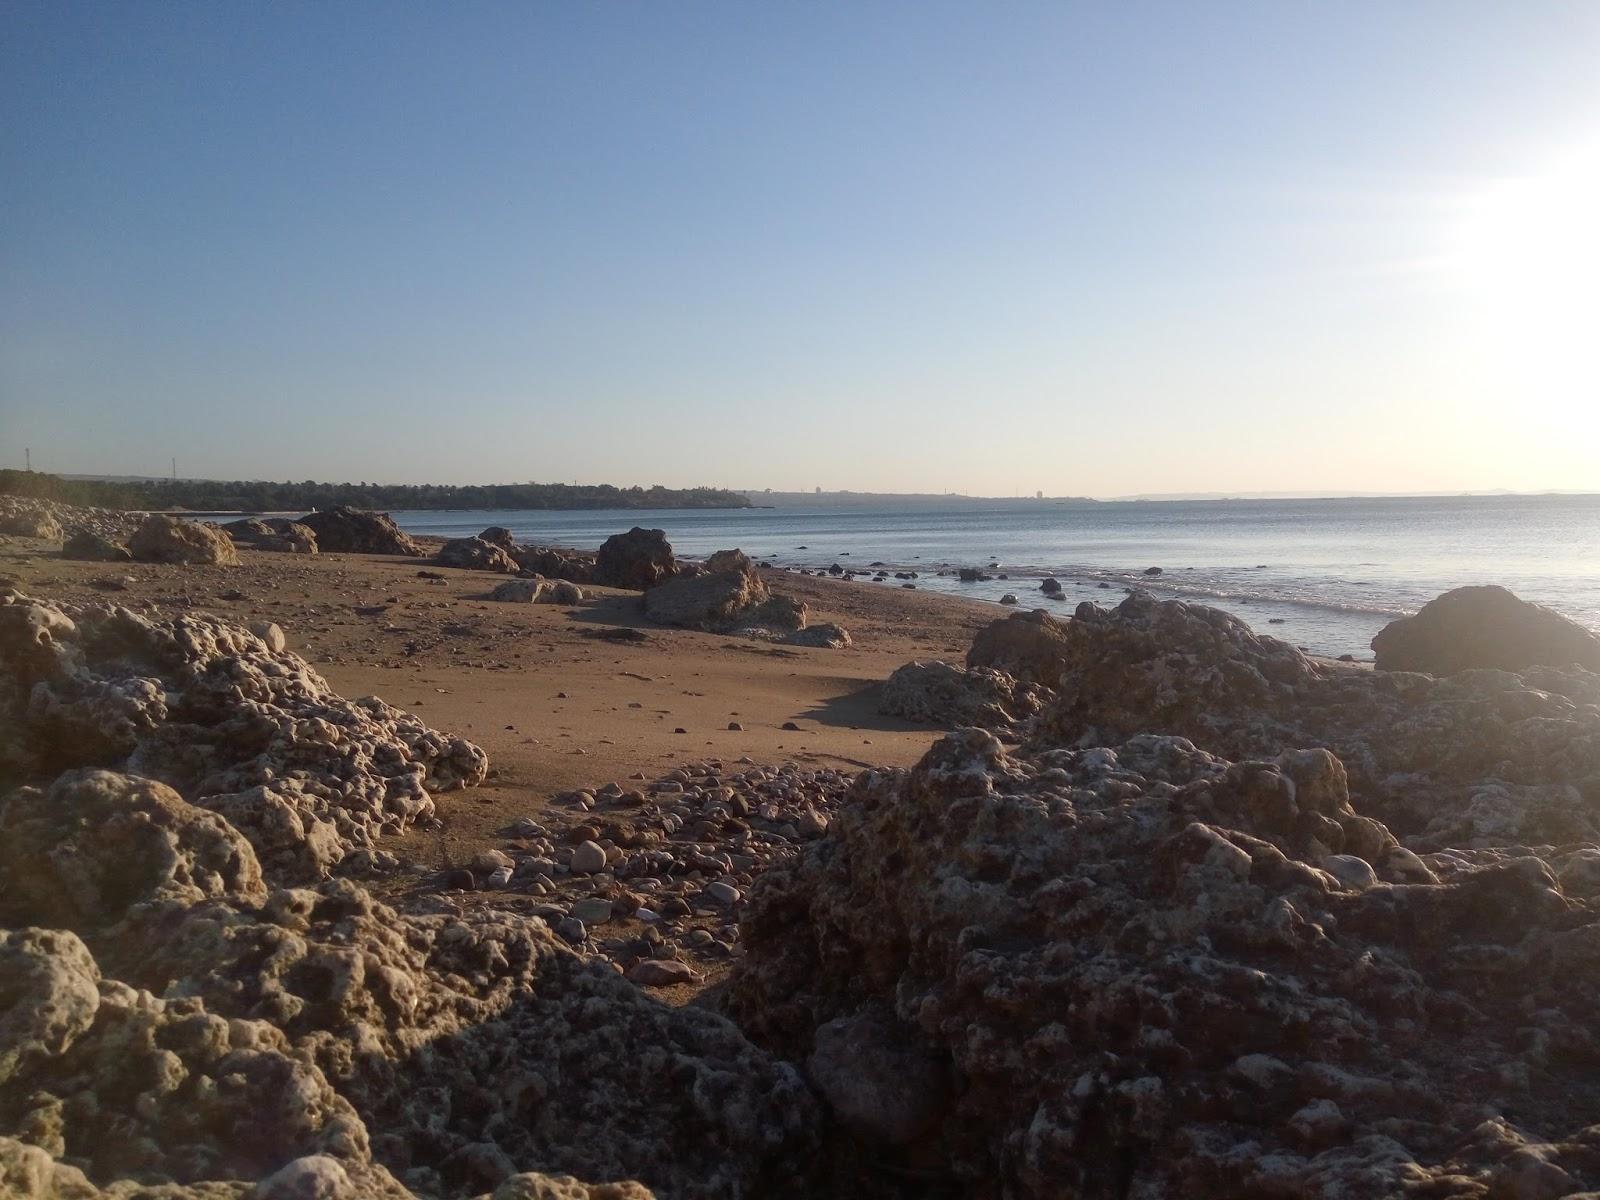 Menyepi Sejenak Pantai Manikin Kupang Ingatan Perjalanan Bentuk Tergolong Landai